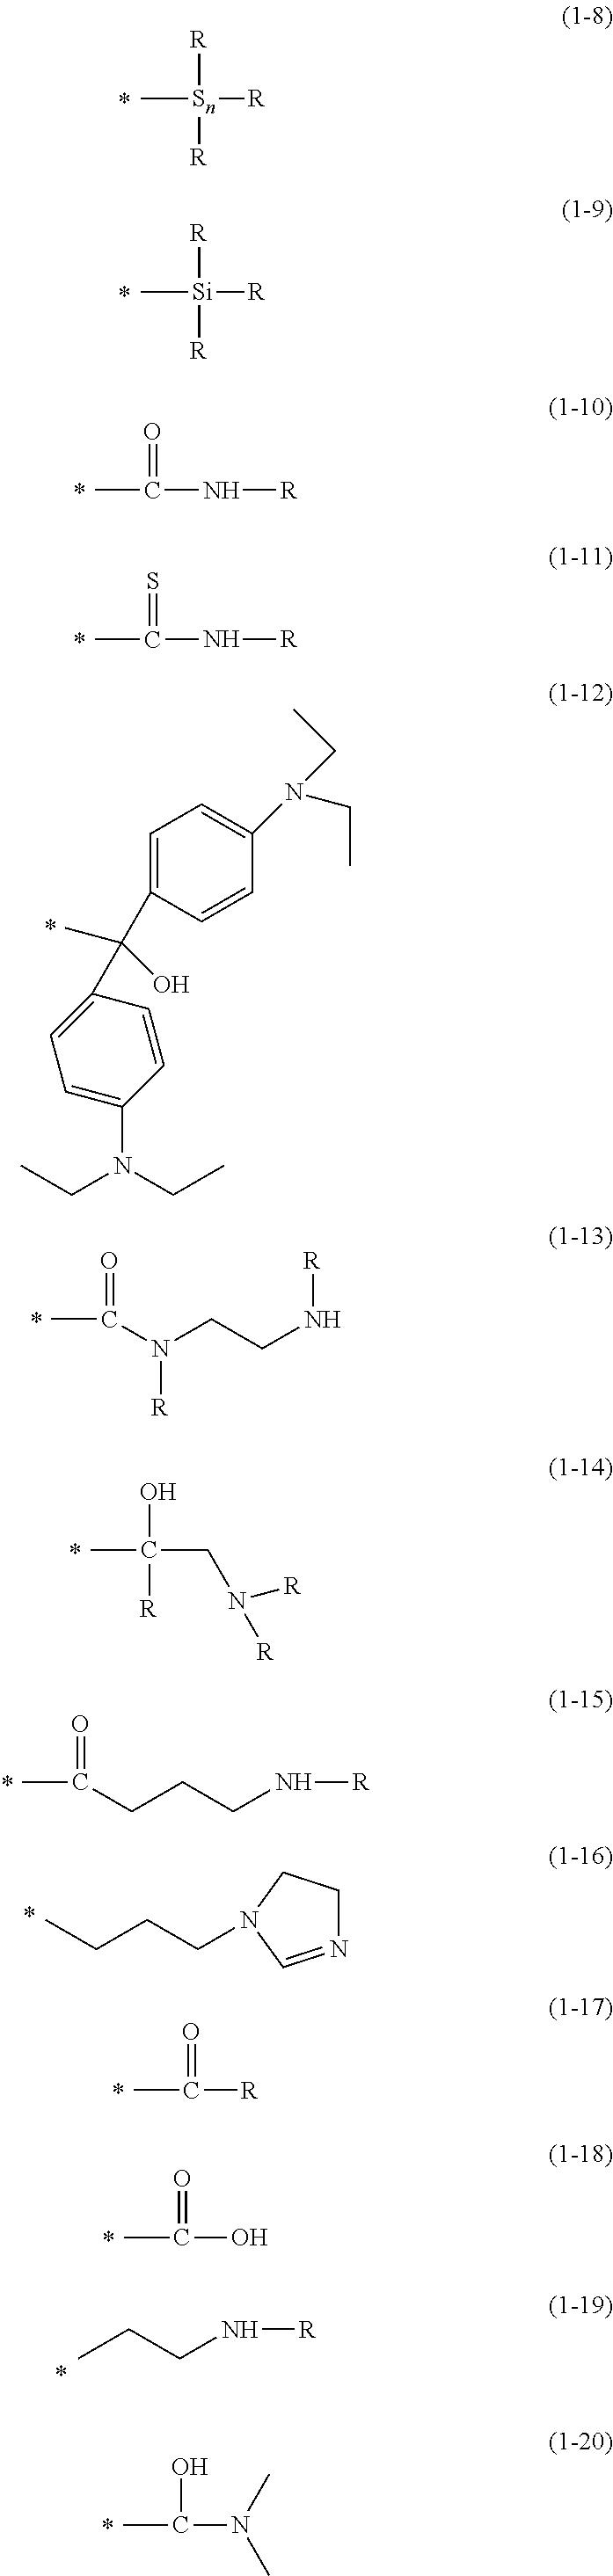 Figure US09684235-20170620-C00003